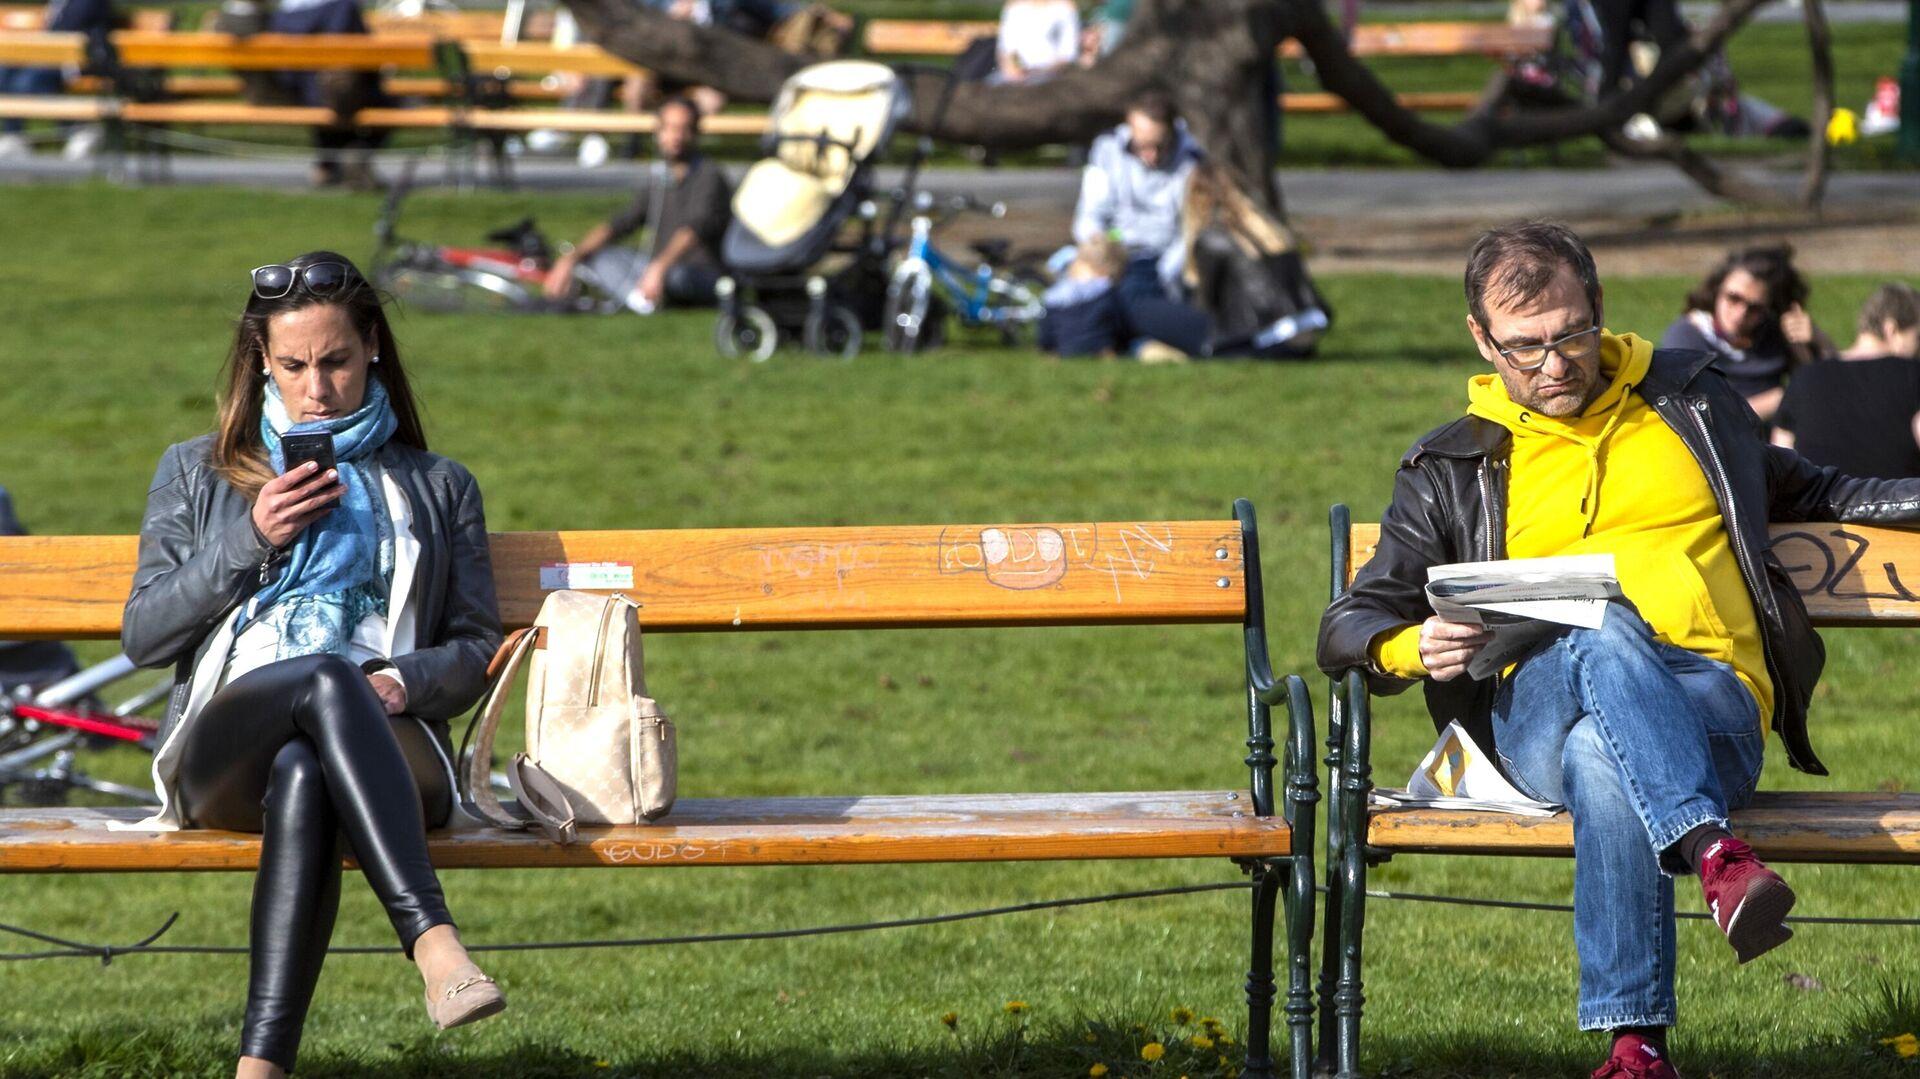 Горожане в парке в Вене - РИА Новости, 1920, 02.08.2021